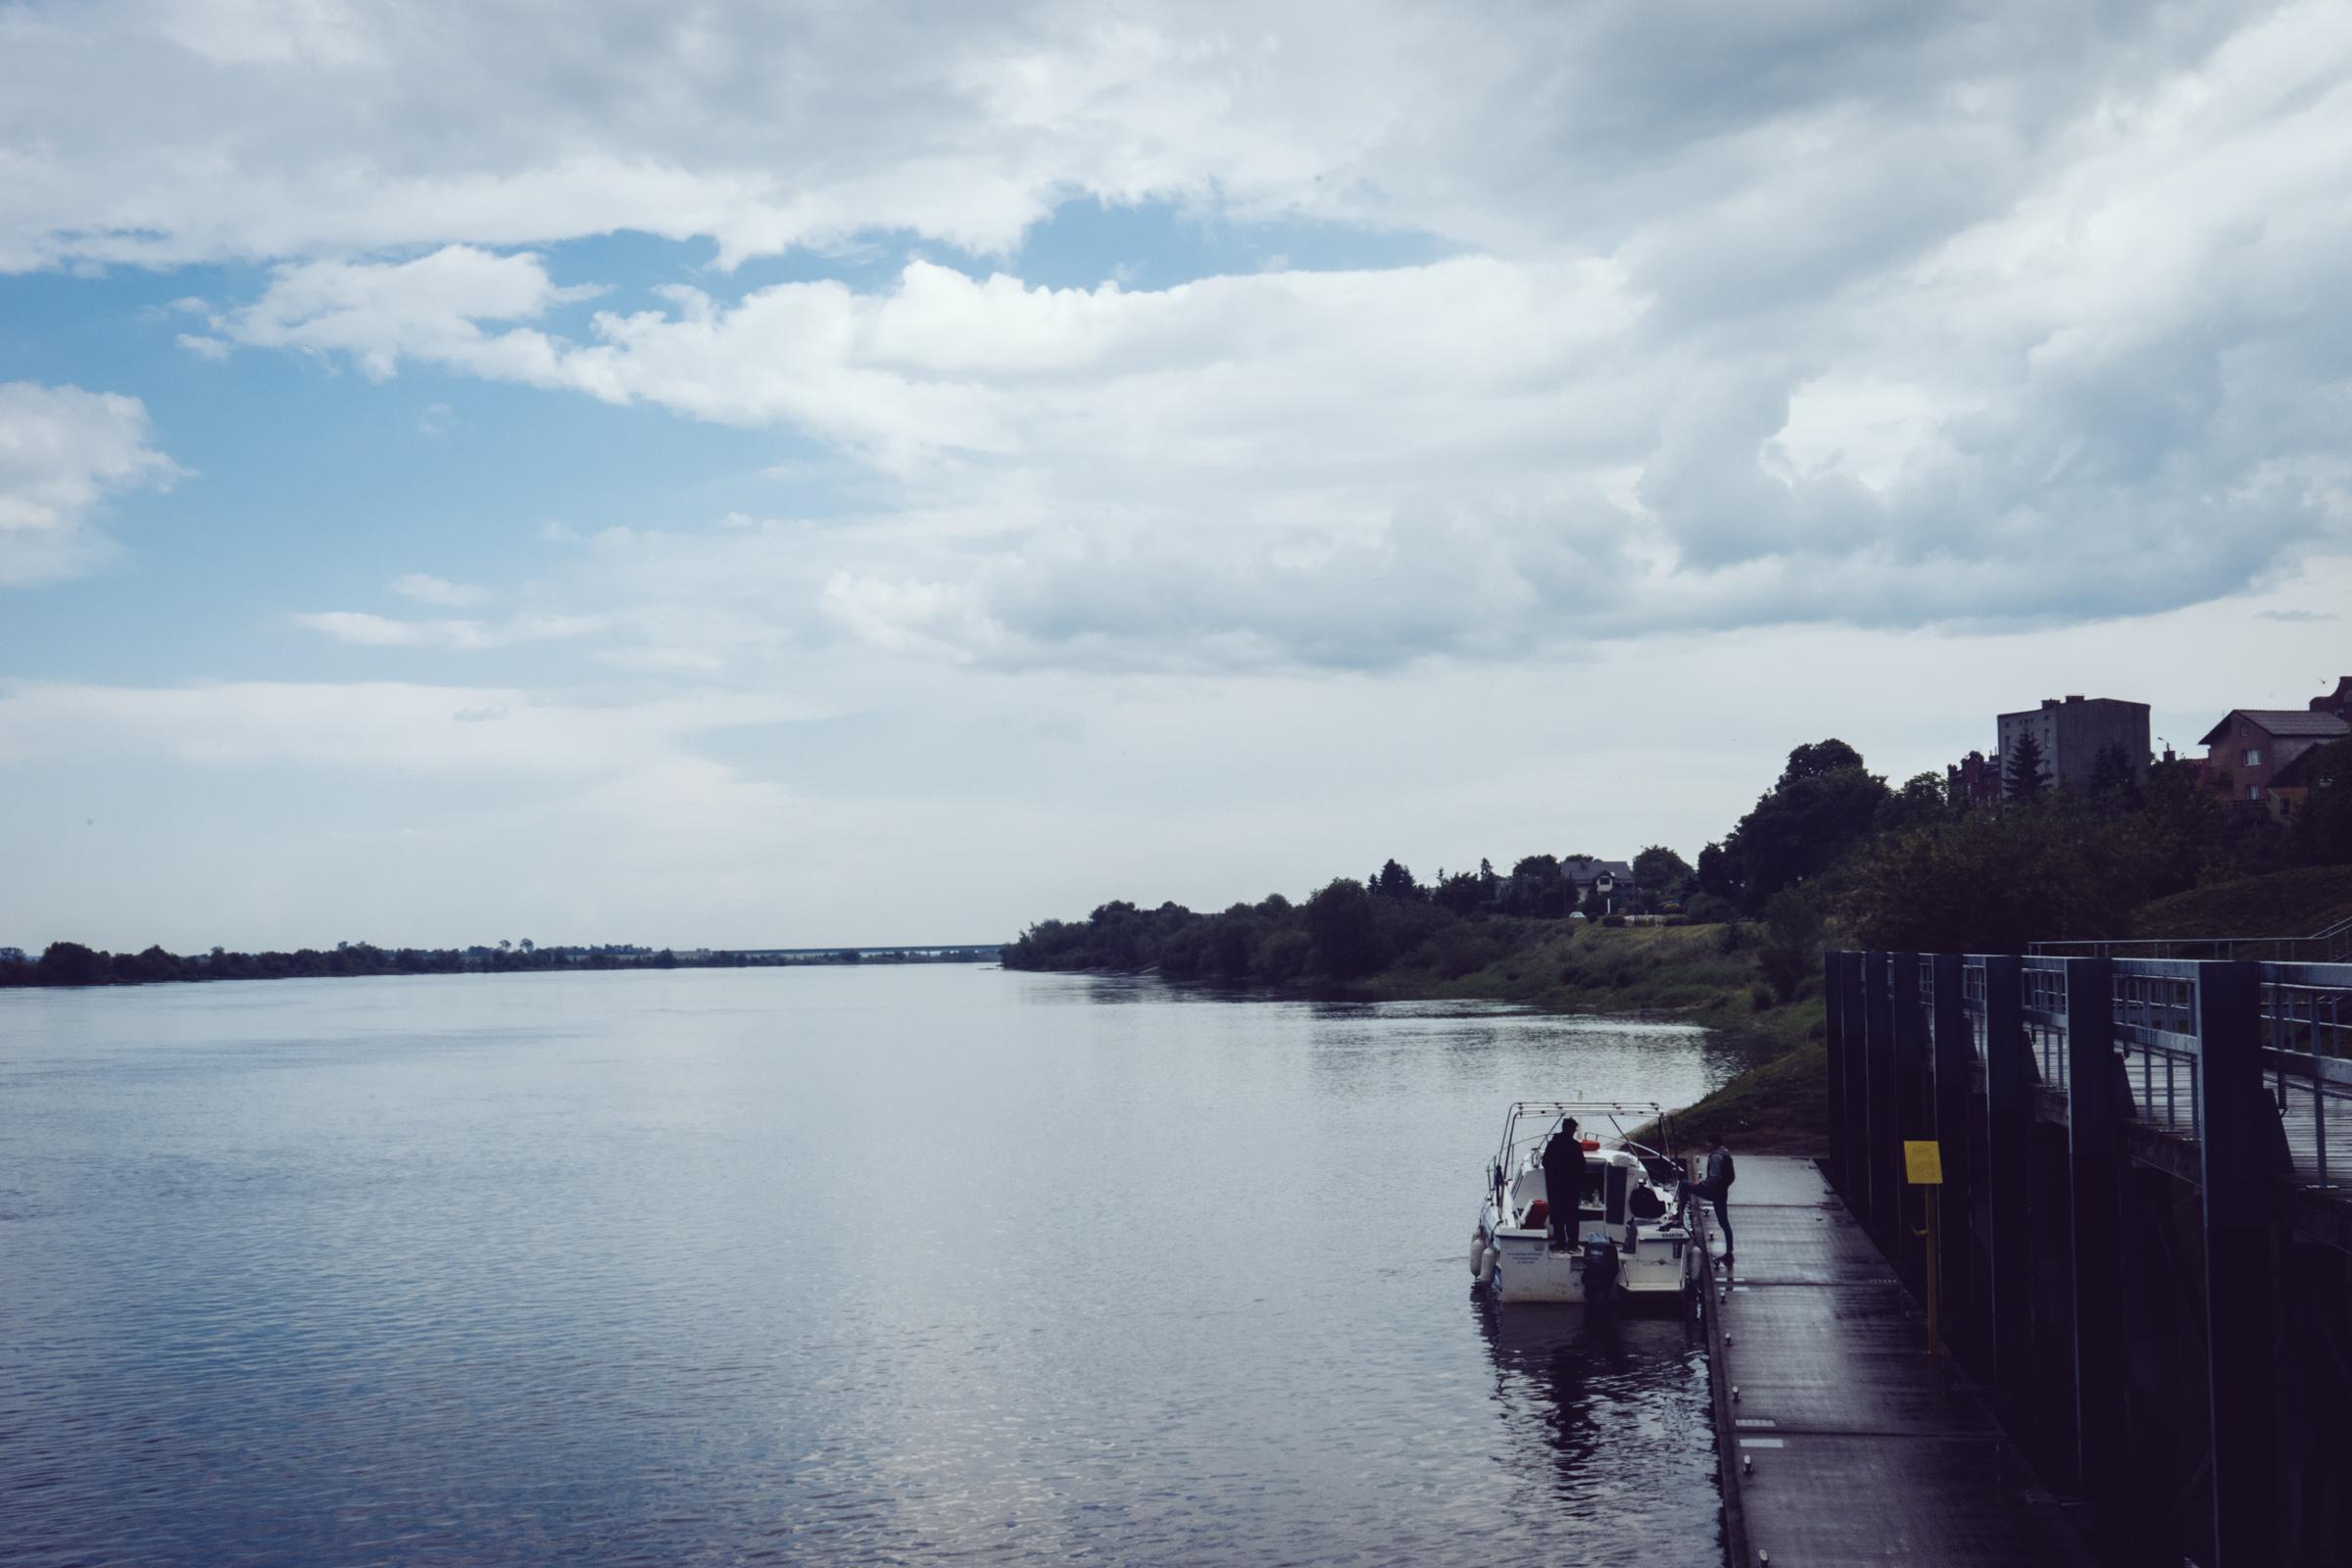 Vue sur la Vistule - Pologne